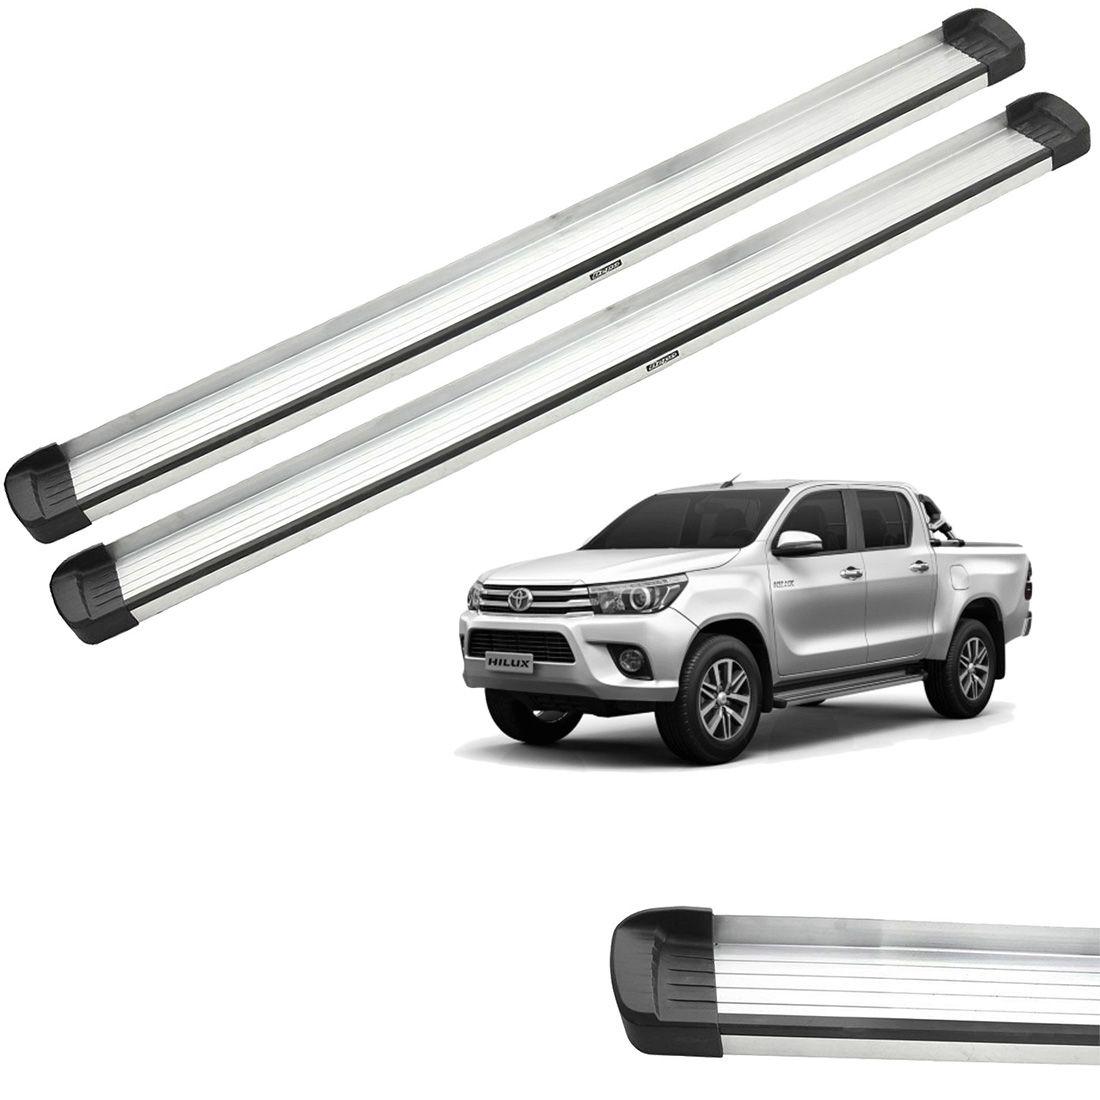 Estribo Bepo G3 Aluminio Hilux 2016 a 2019